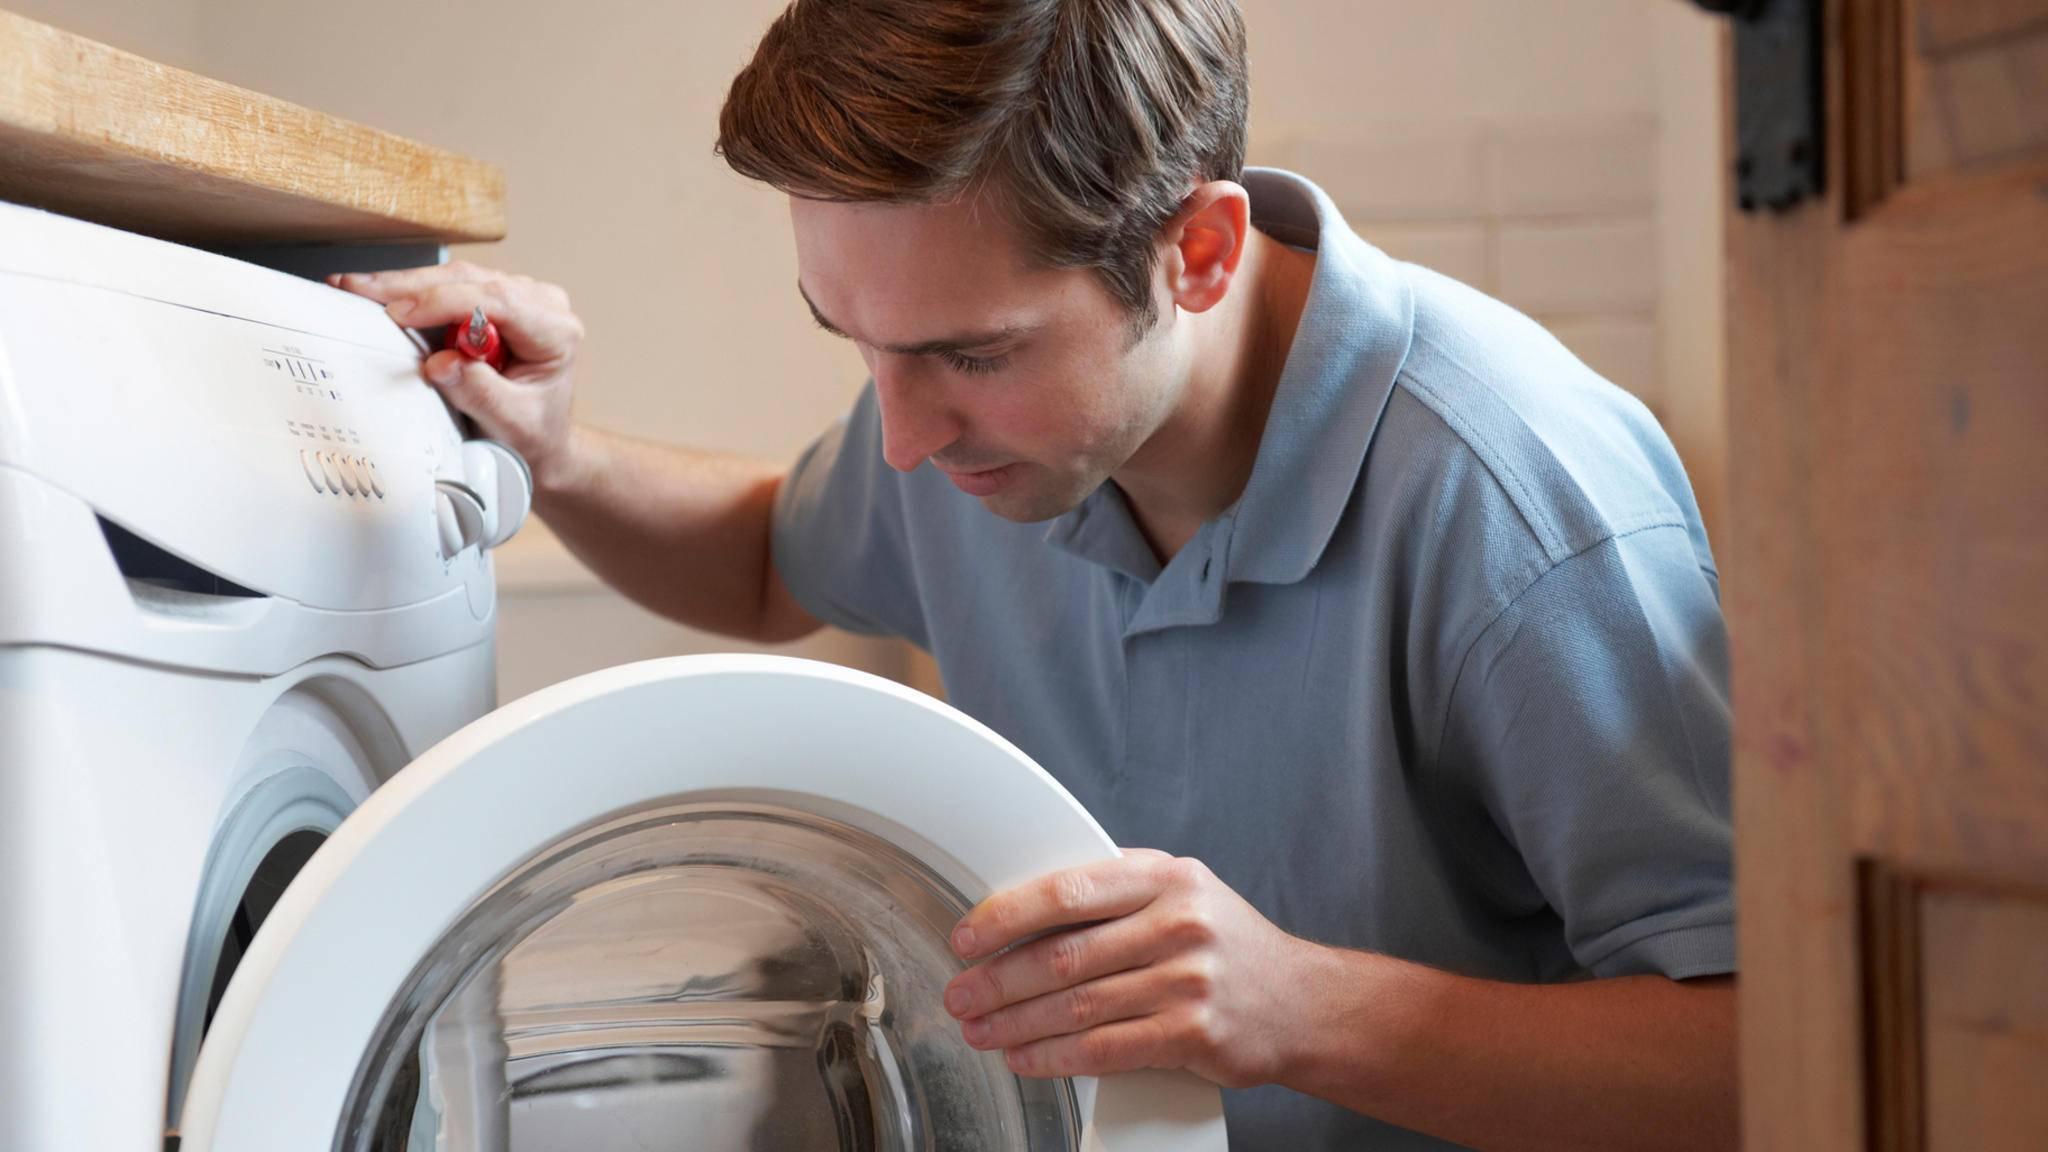 Die Montage der Waschmaschine können auch Laien in wenigen Schritten durchführen.